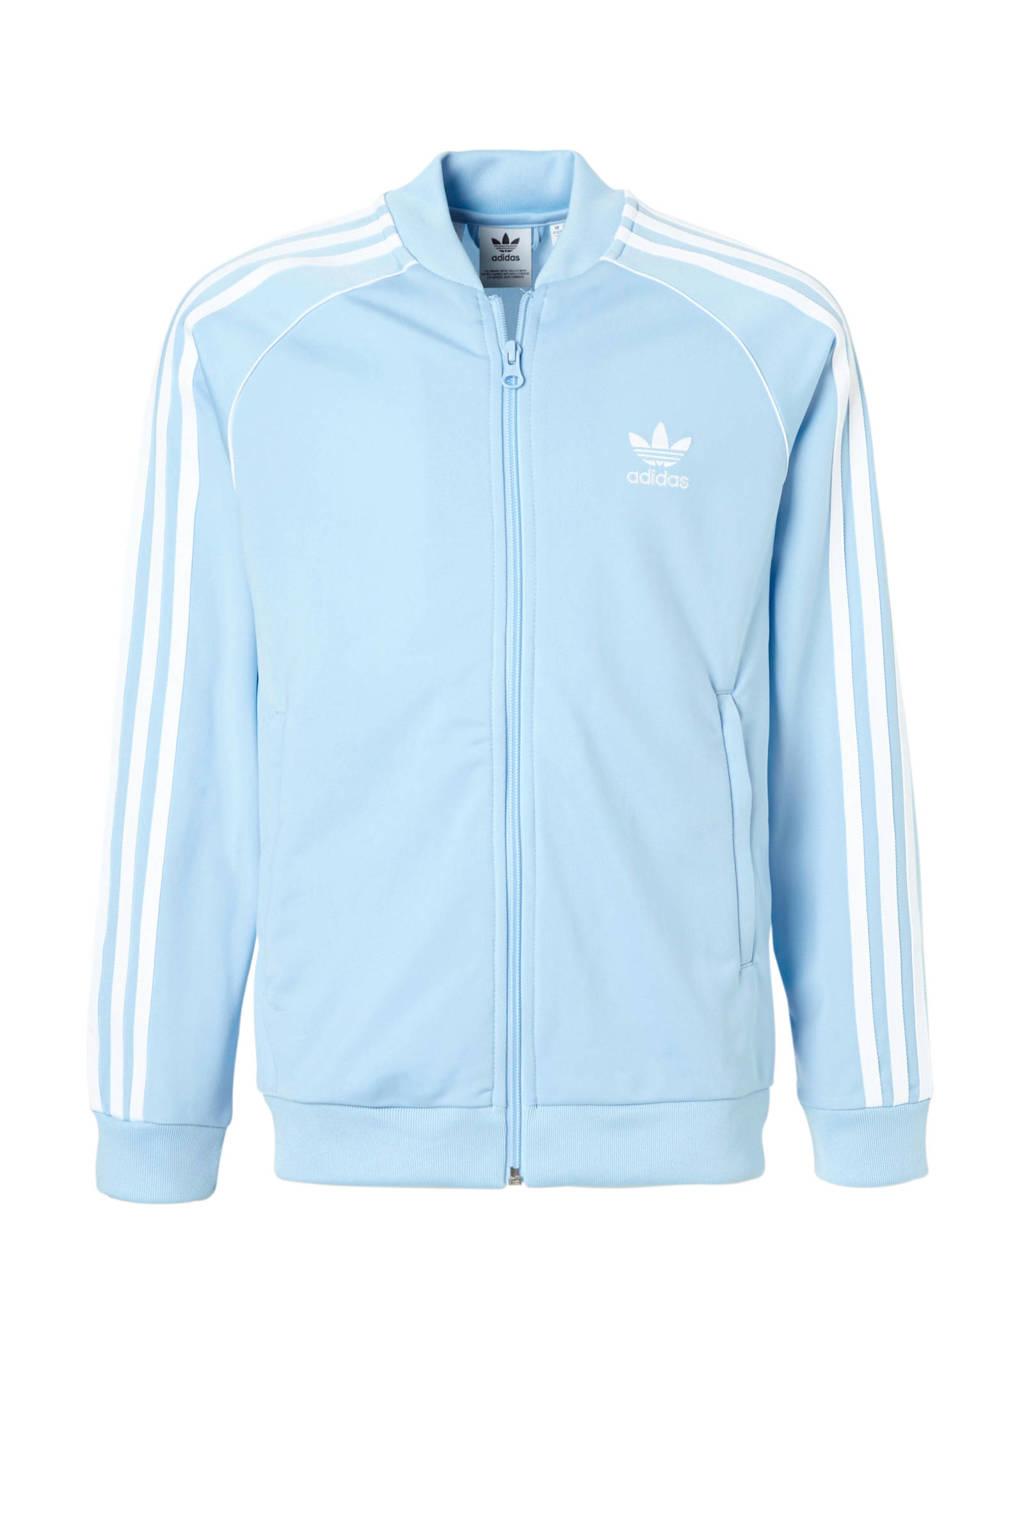 aa2cd9bcb9b adidas originals vest lichtblauw, Lichtblauw